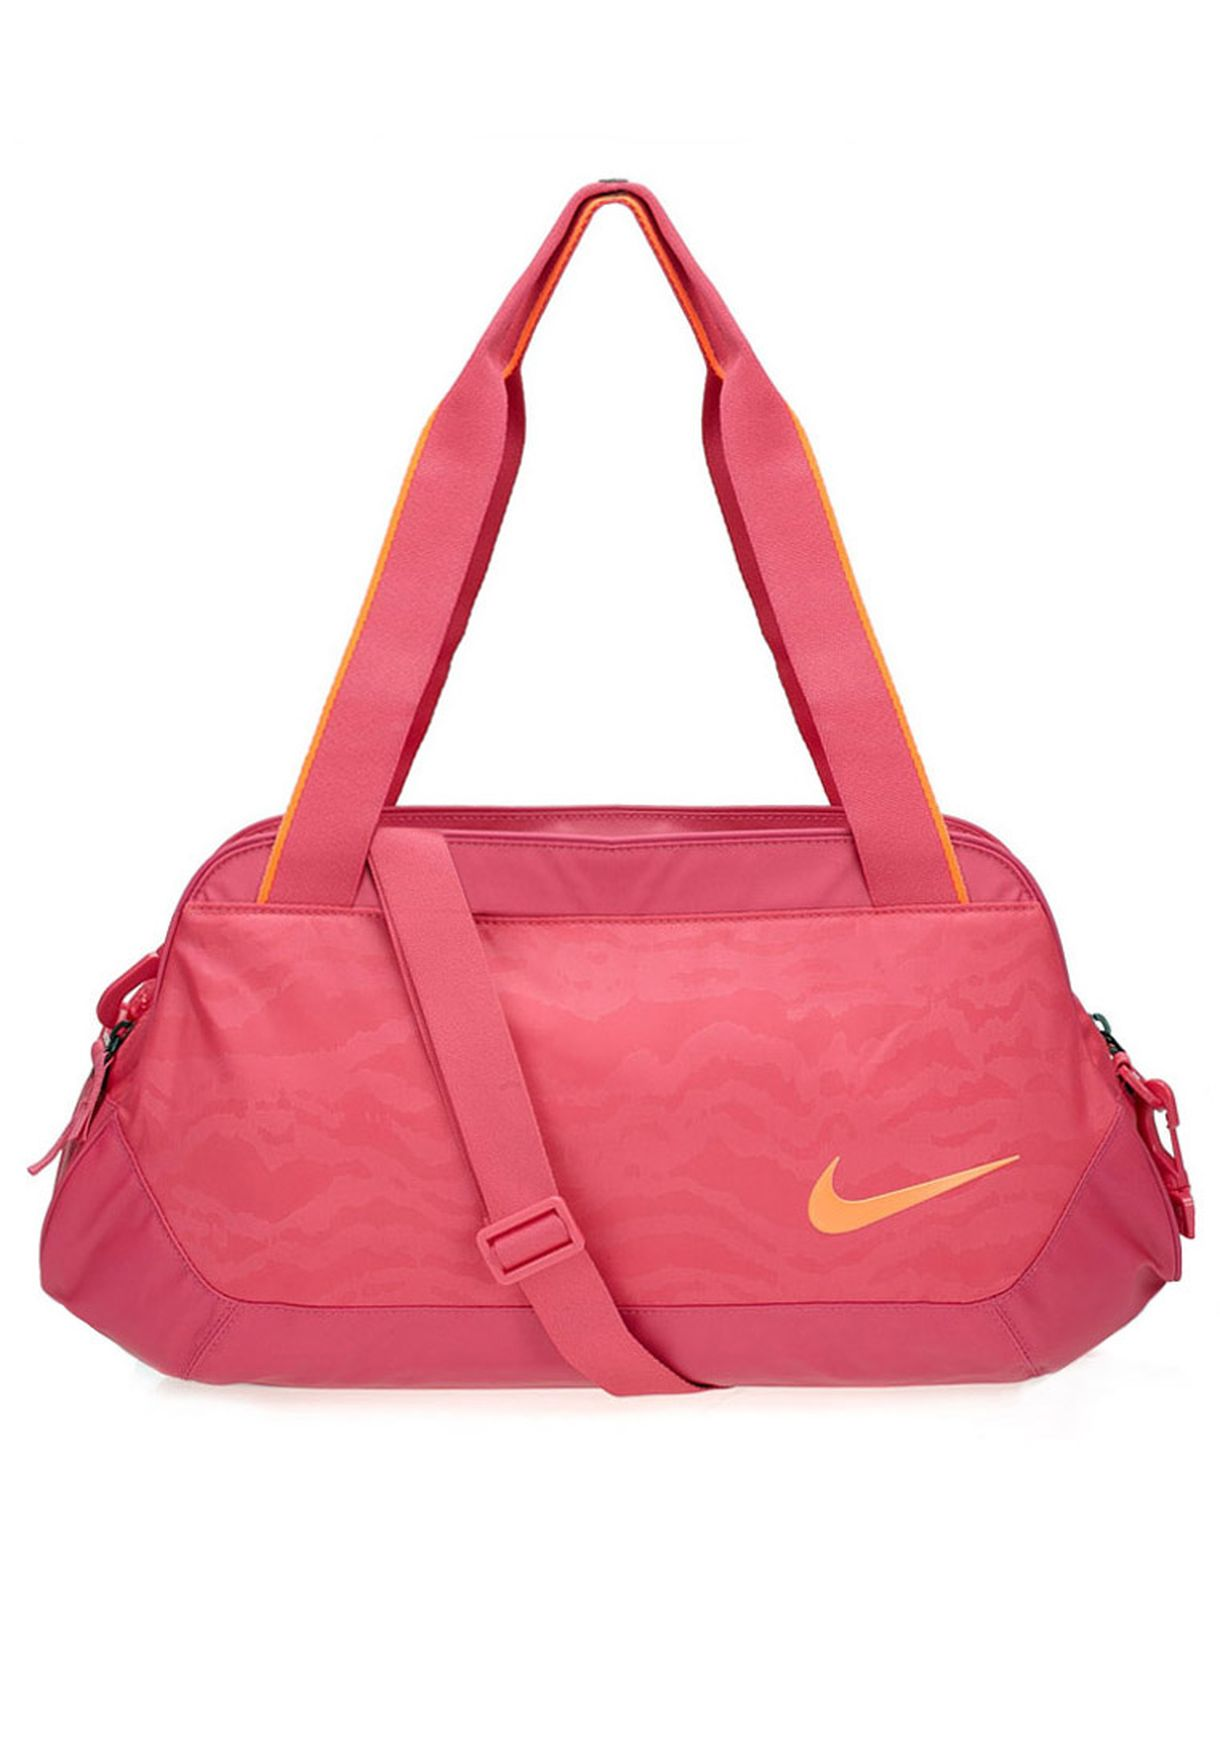 1333b1a675a7 Shop Nike pink Small C72 Duffel Bag NEQP-BA4654-683 for Women in UAE ...